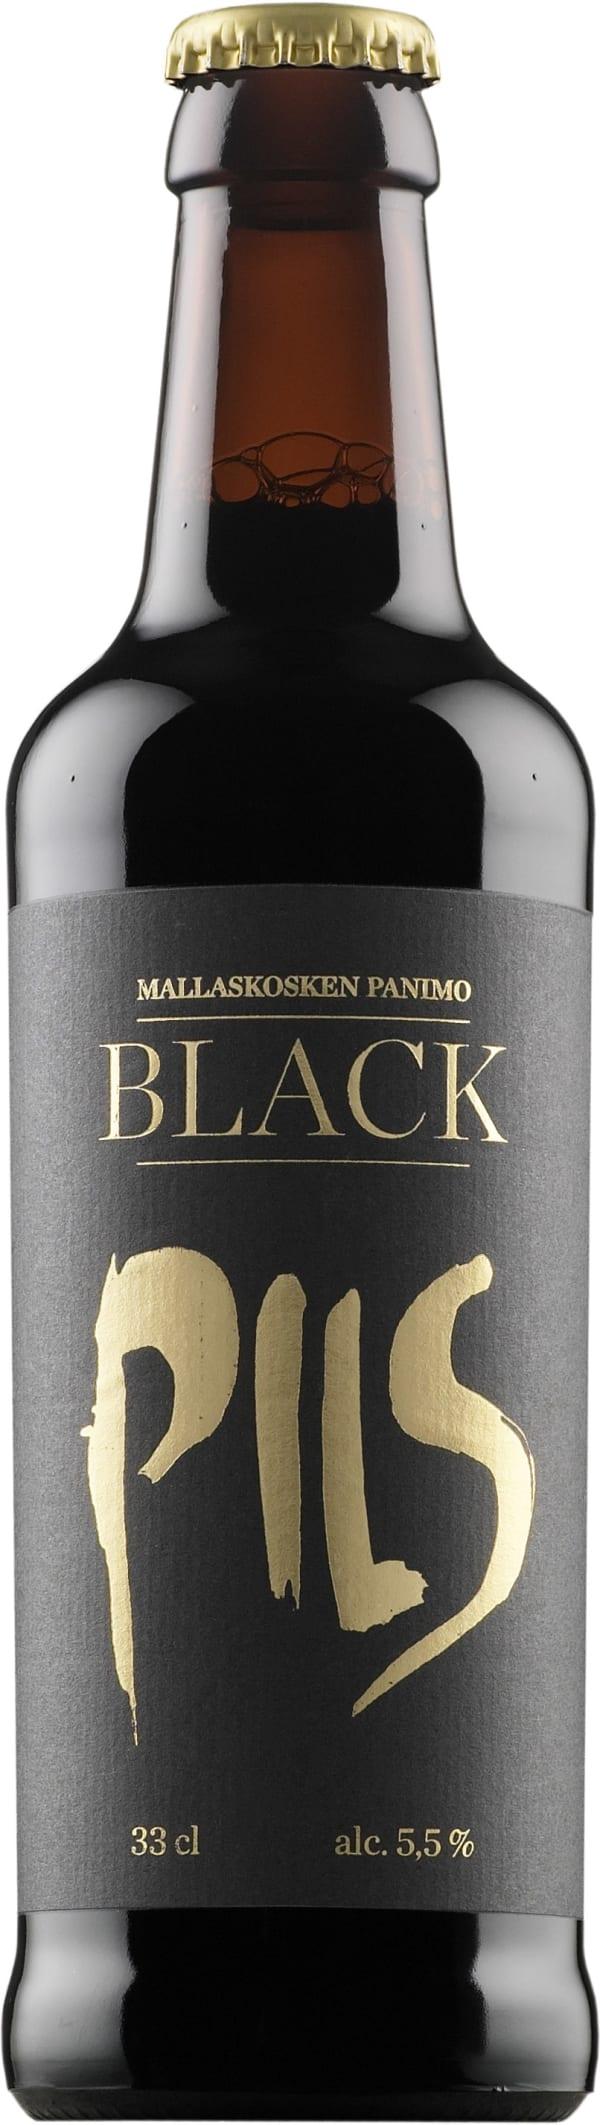 Mallaskosken Black Pils